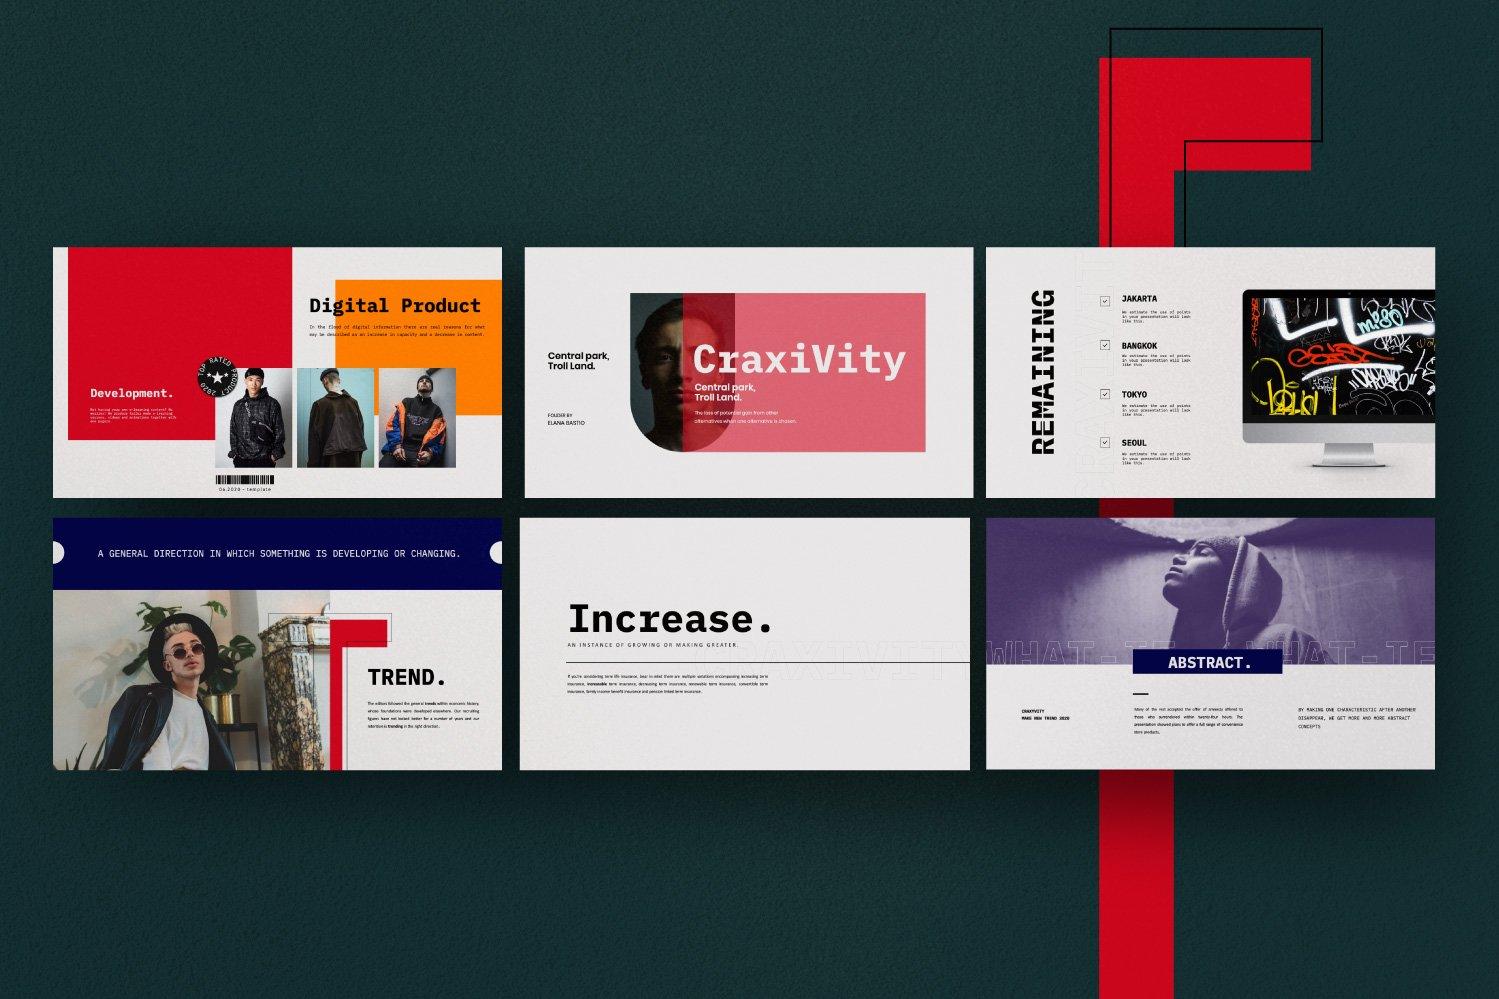 时尚潮流商业策划书幻灯片设计模板 CRAXITVIY – Powerpoint插图(6)